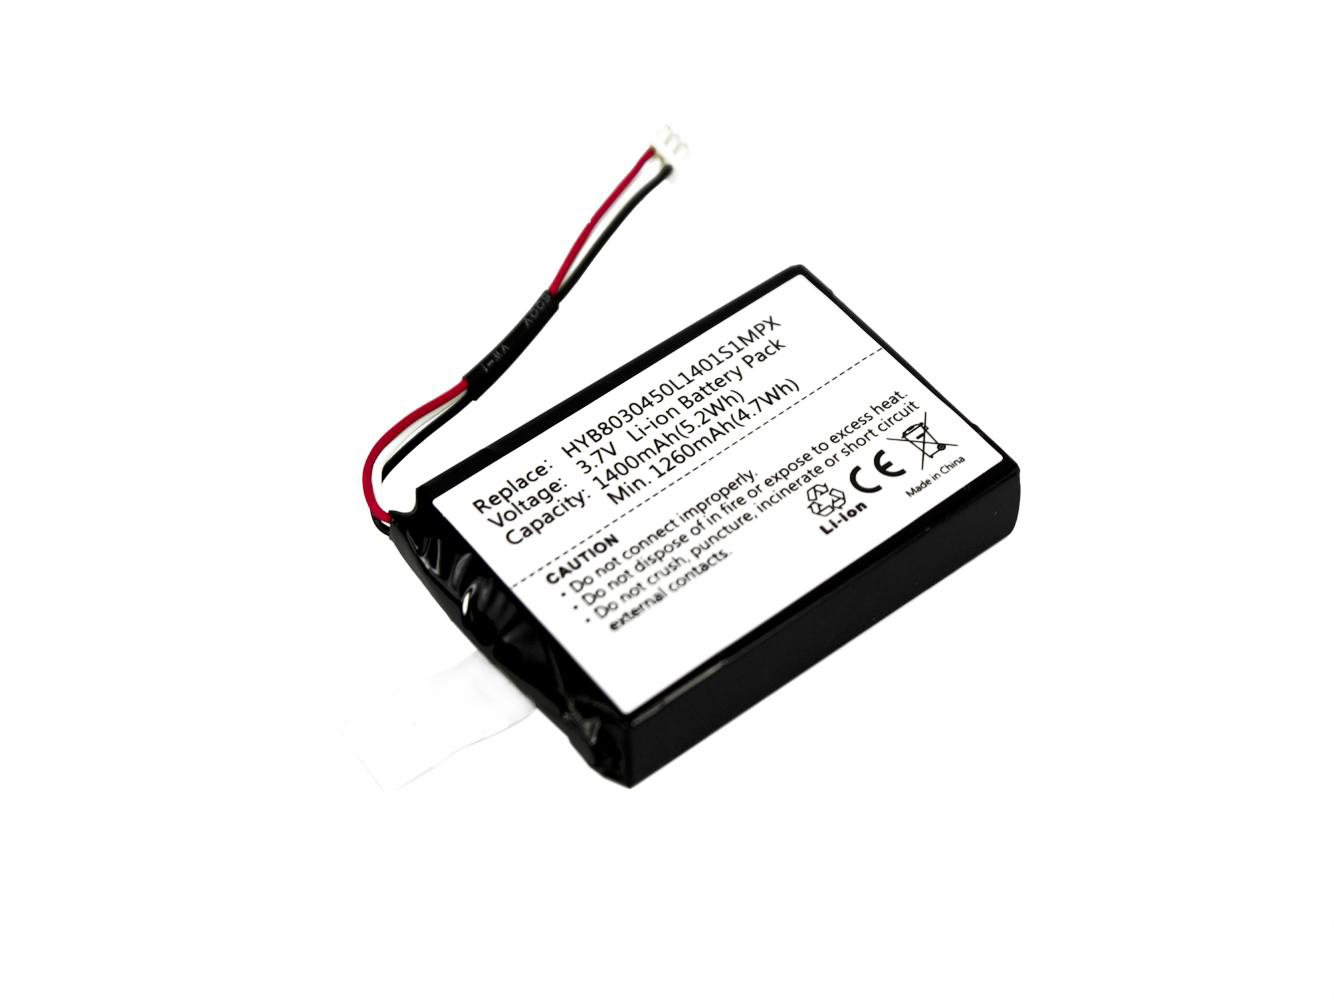 e4435 e 4435 nuevo e 4430 Bateria para medion Gopal e4430